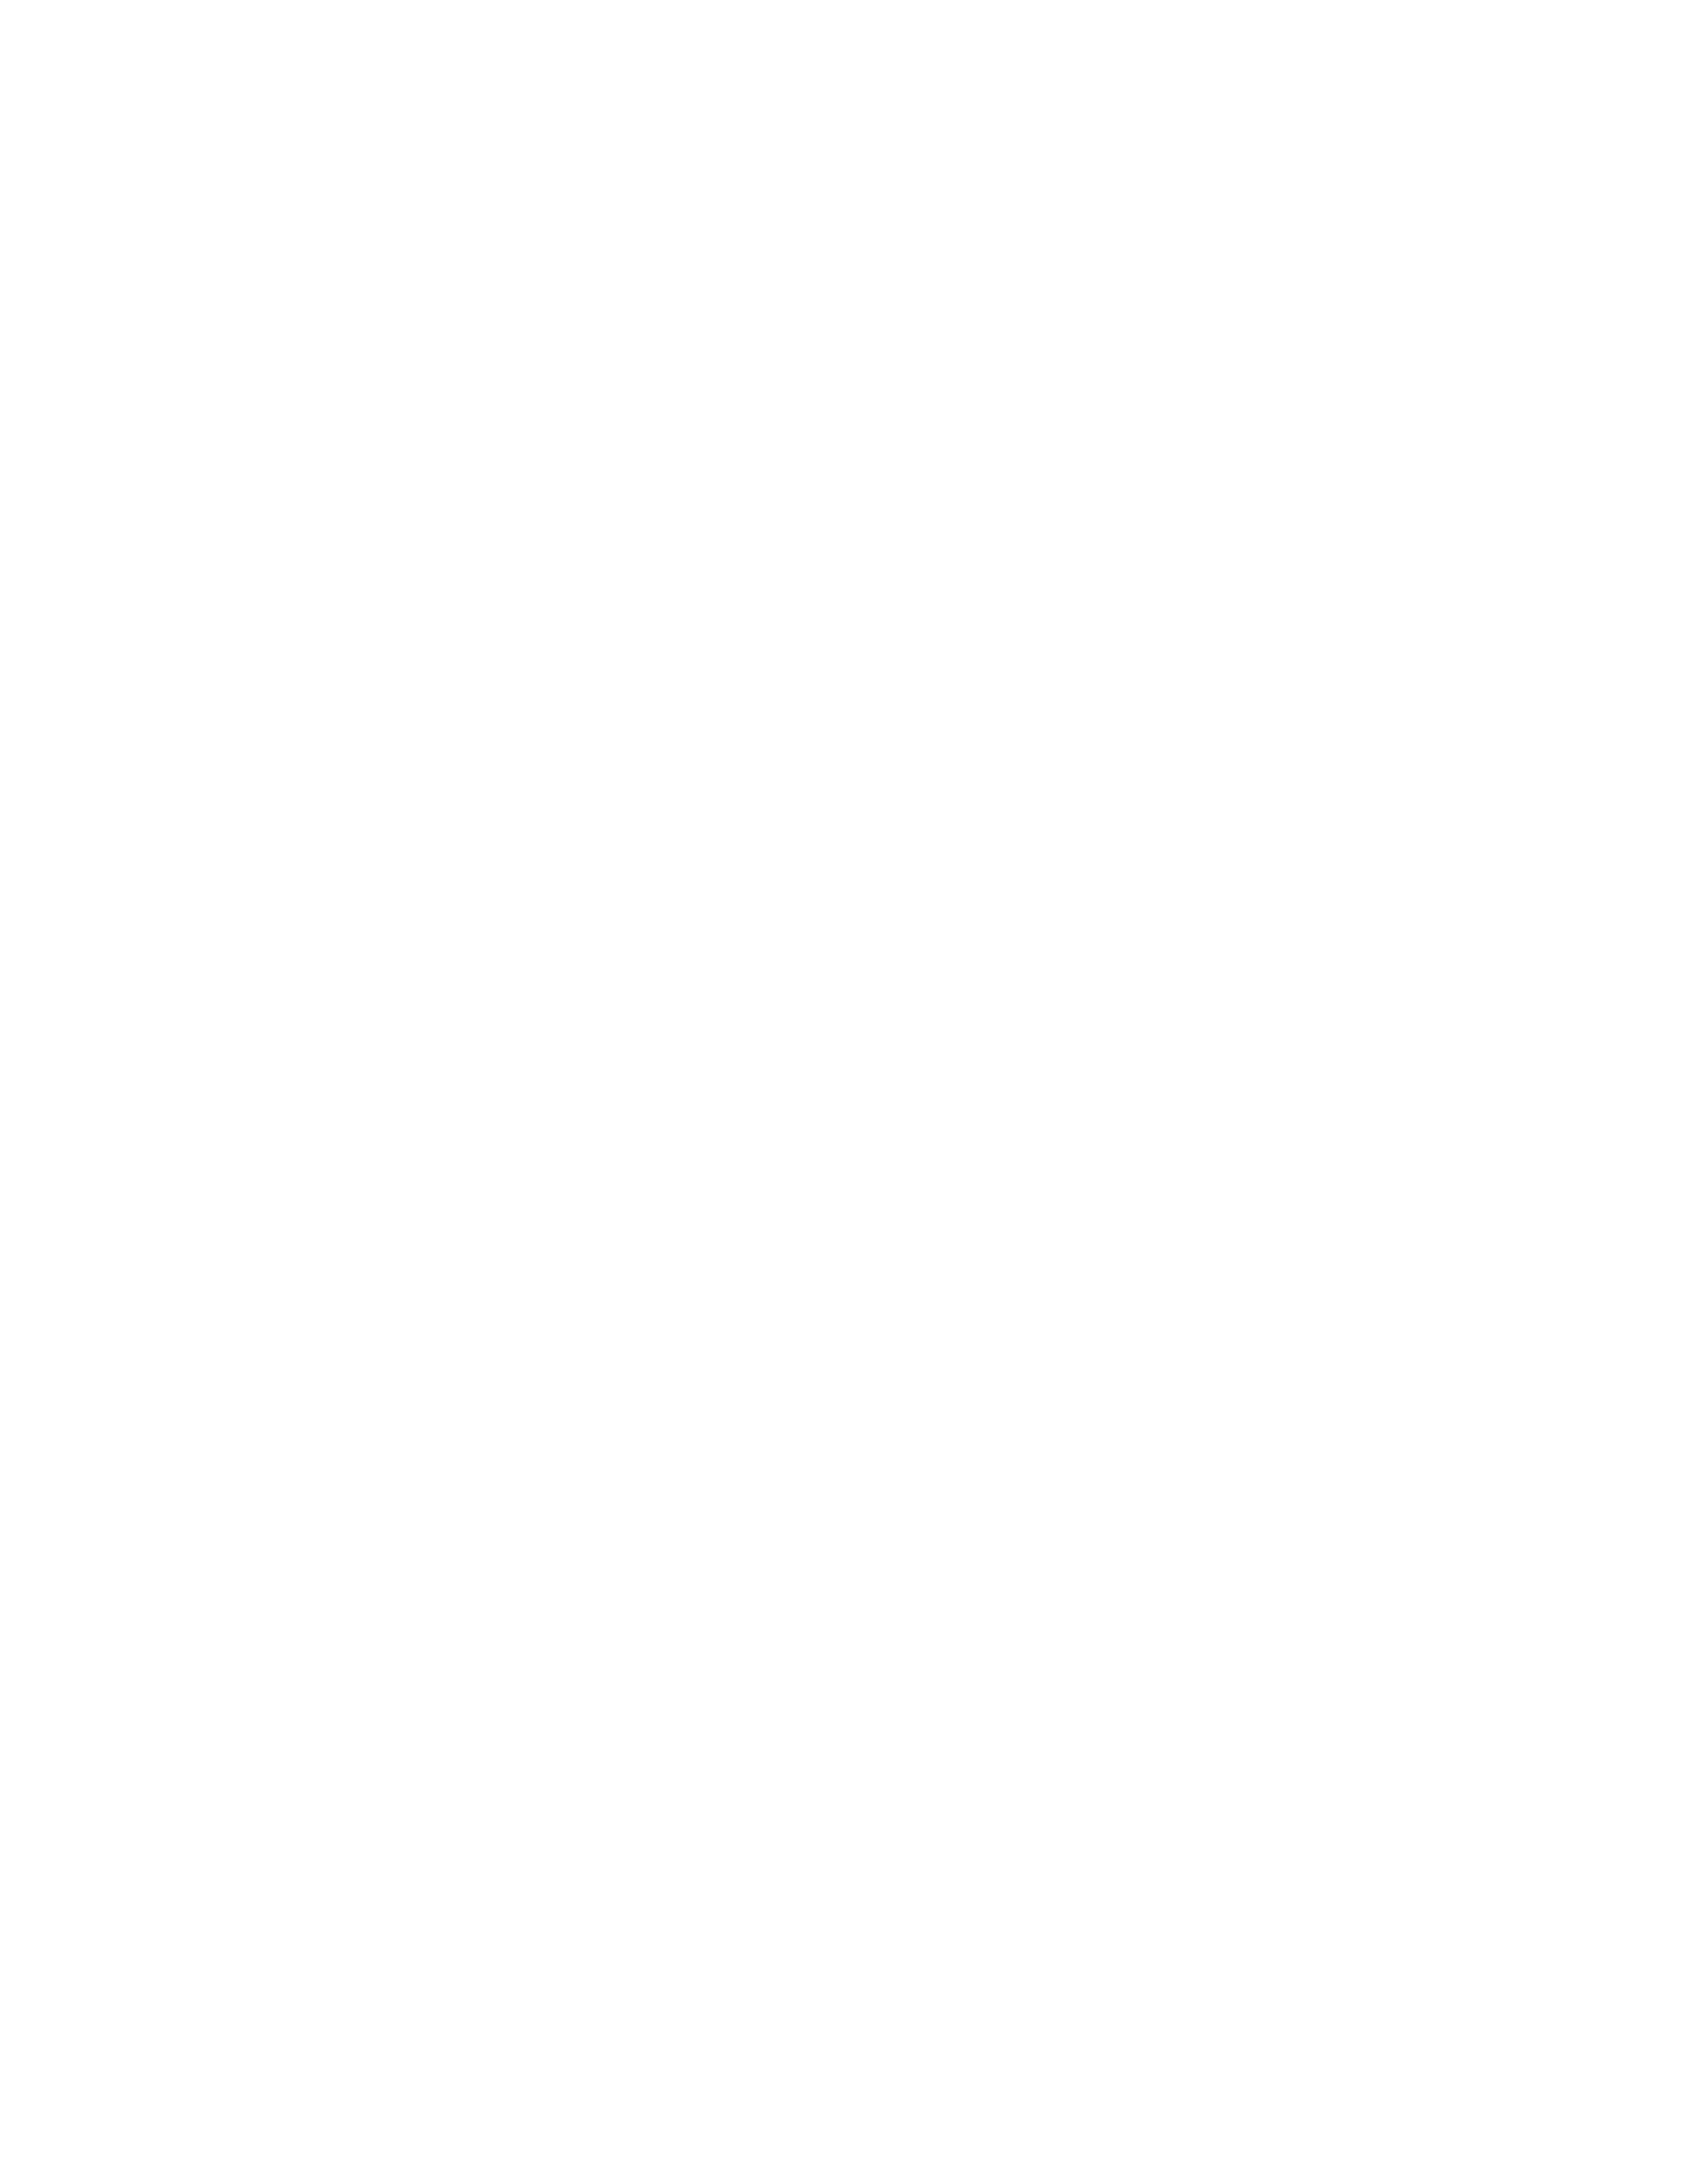 S. P. ALARMAS Y SEGUROS.